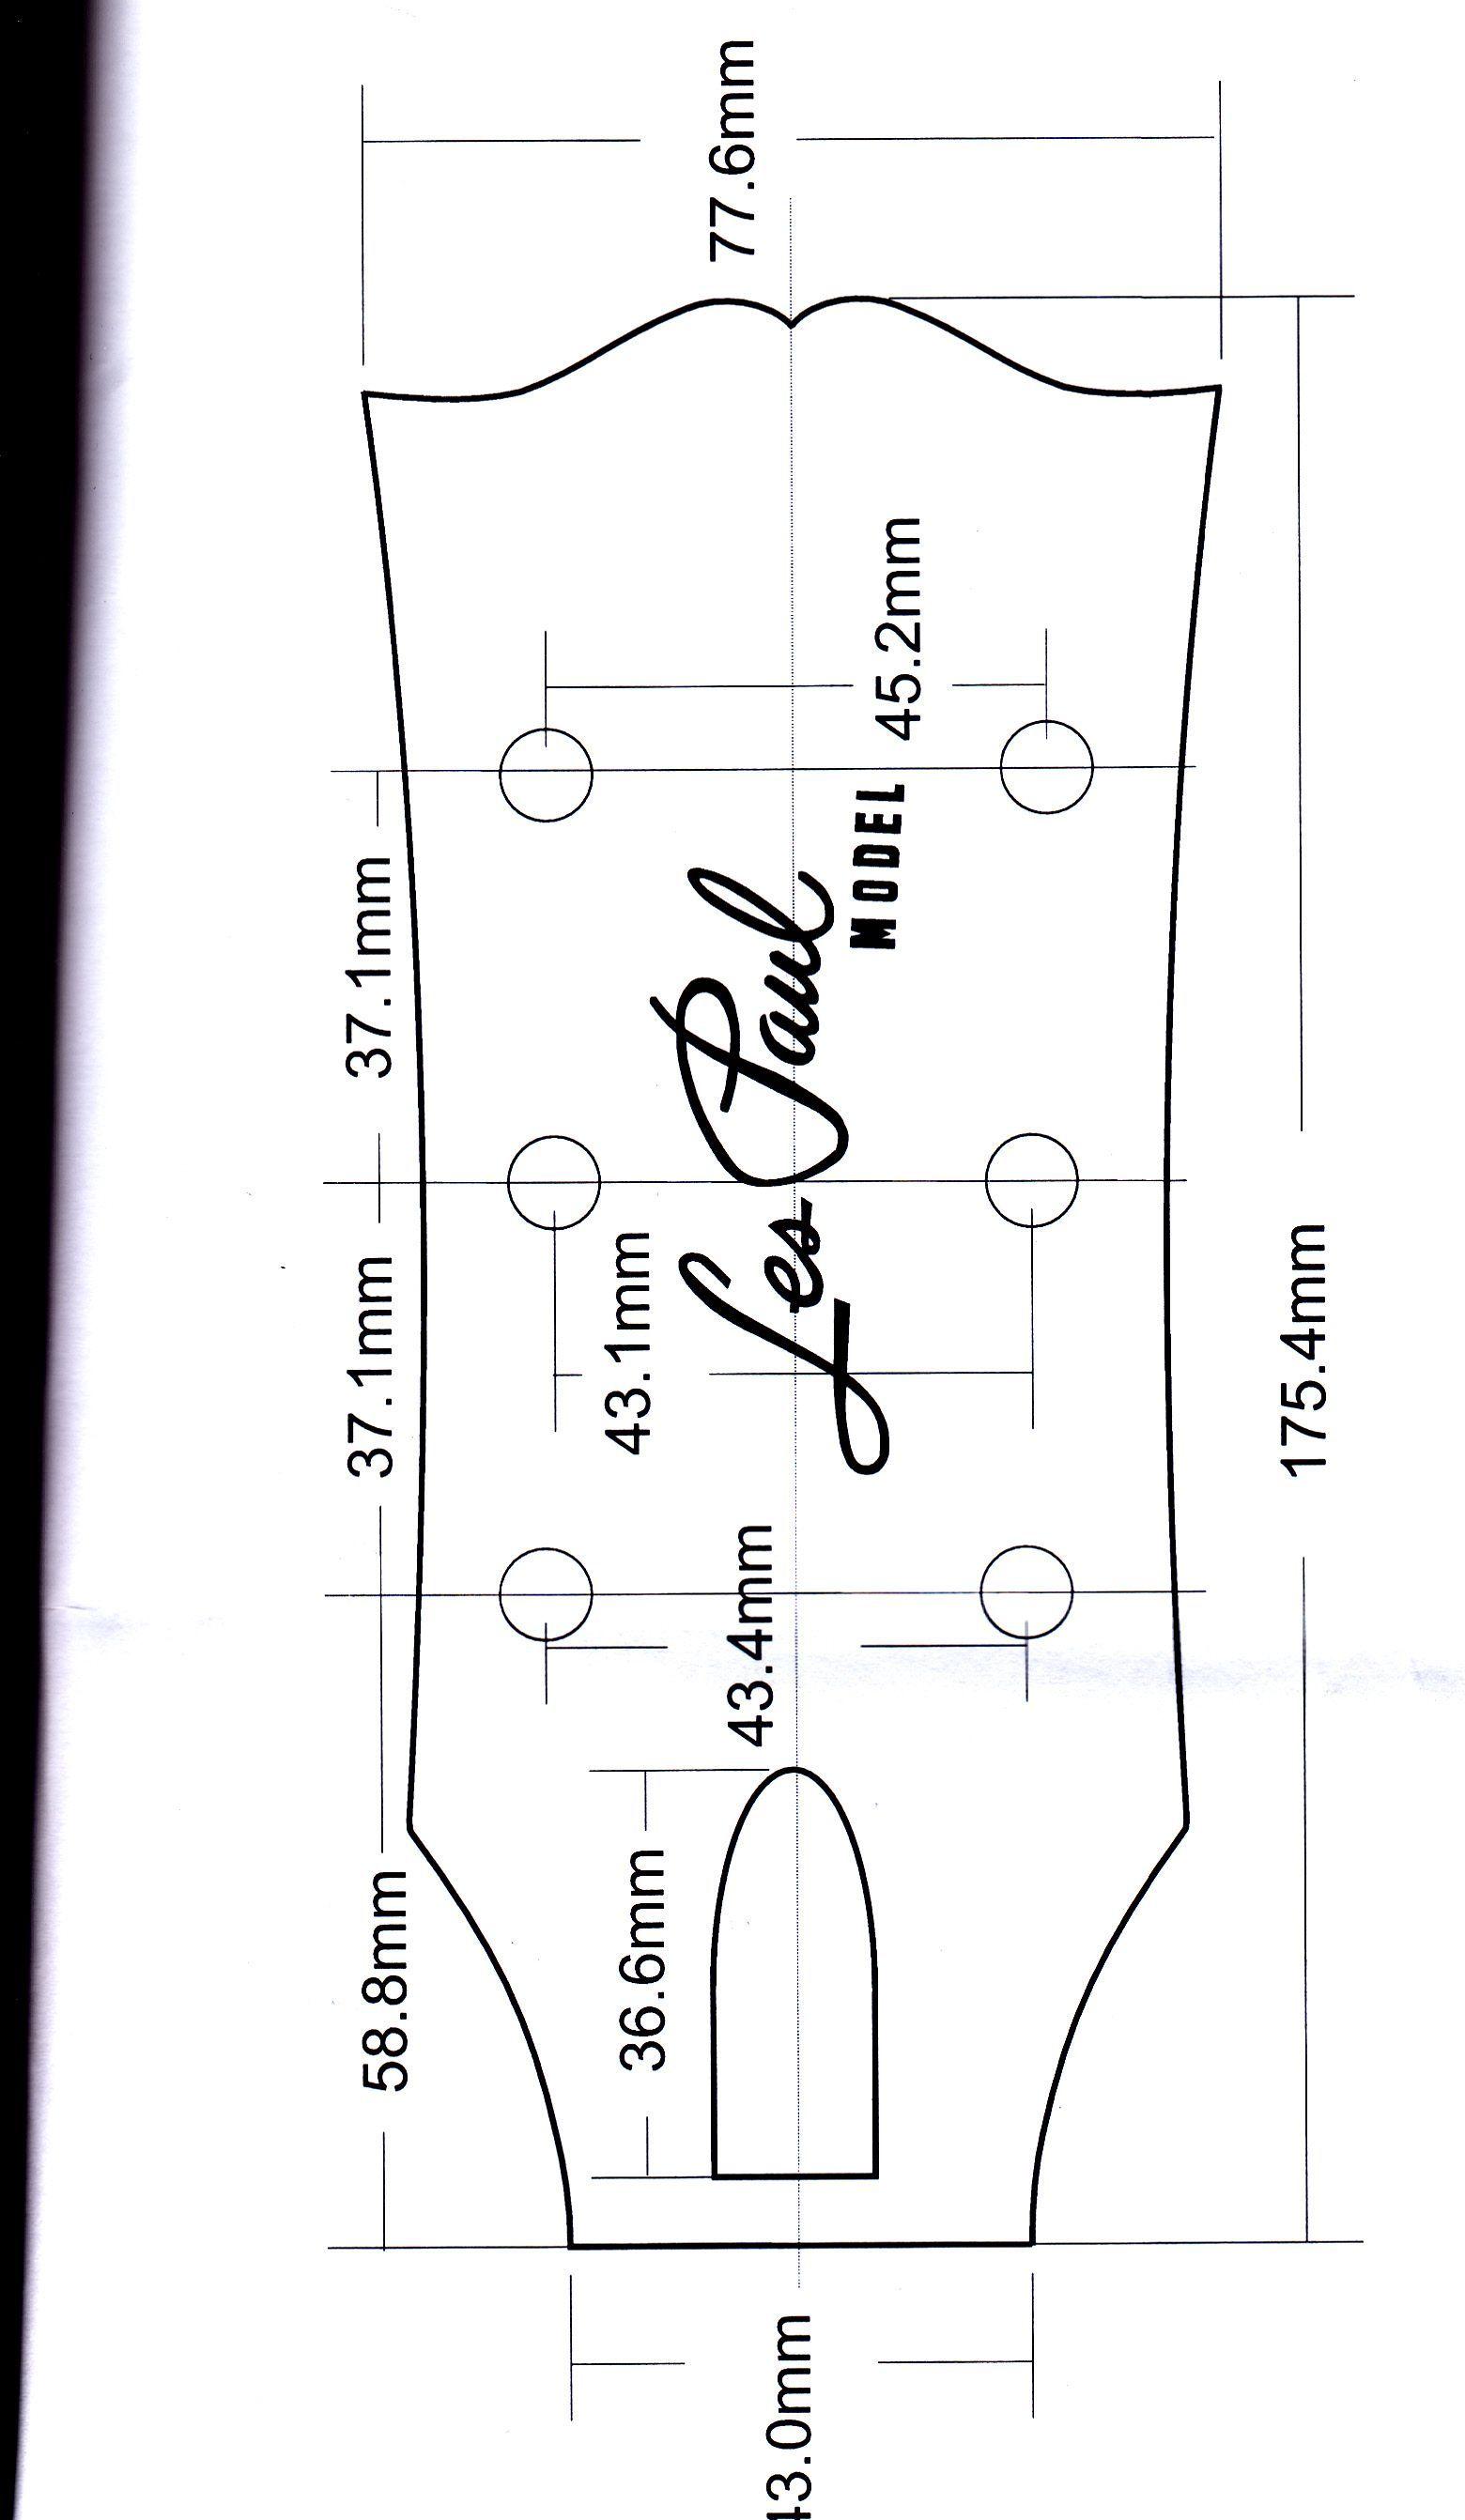 guitar amp music guitar acoustic guitar gibson acoustic guitar design ukulele [ 1560 x 2684 Pixel ]